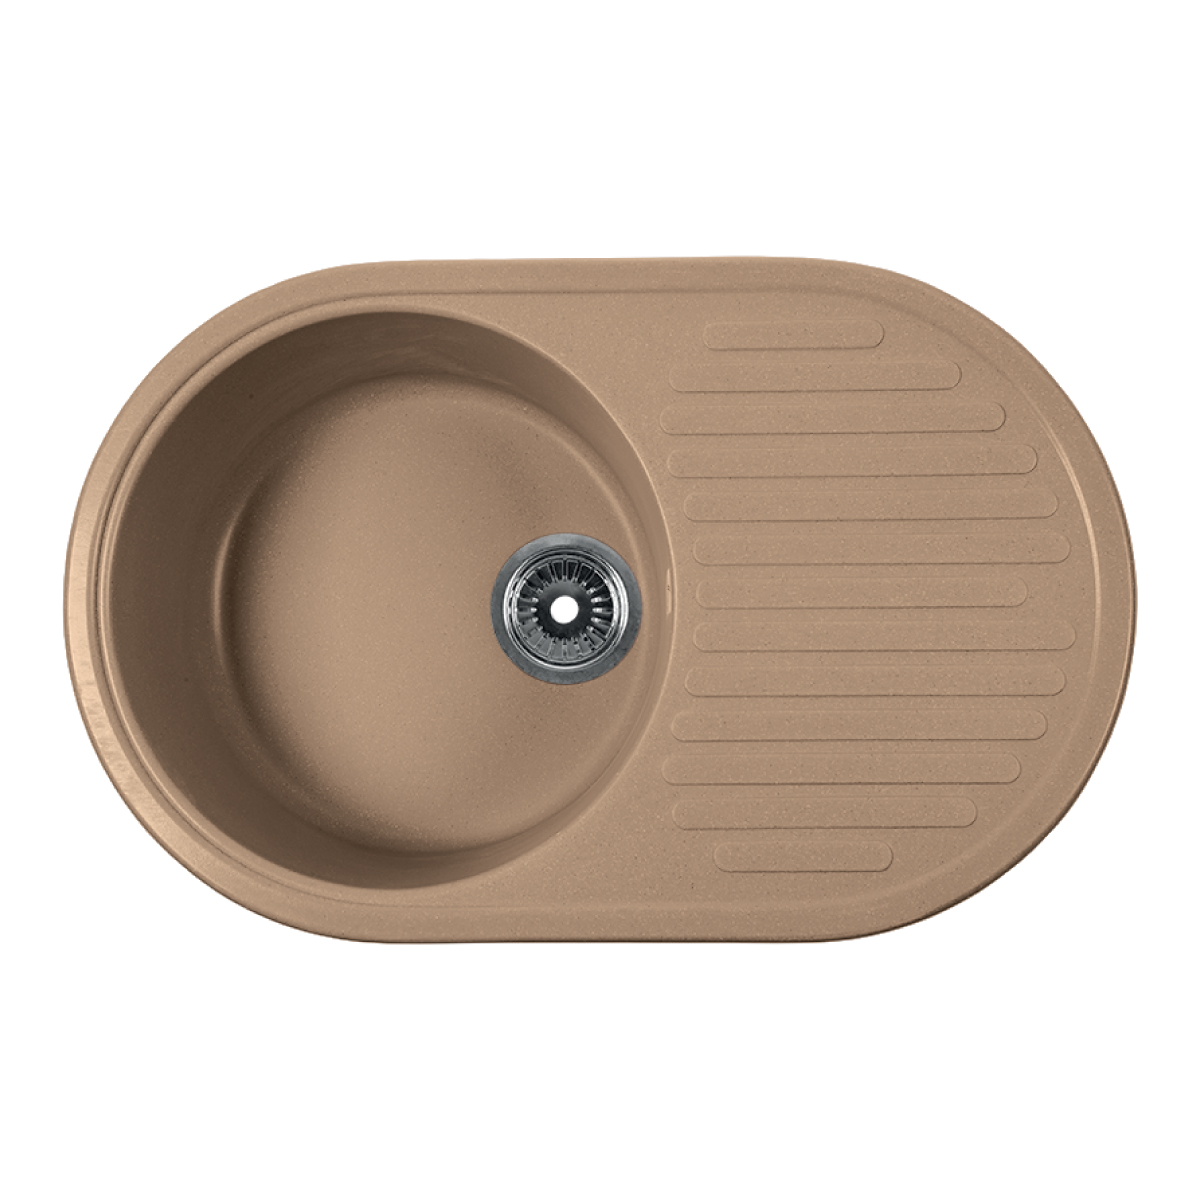 Мойка Rossinka для кухни из исскуственного камня круглая, с крылом, реверсивная, с сифоном, RS74-46RW-Sand